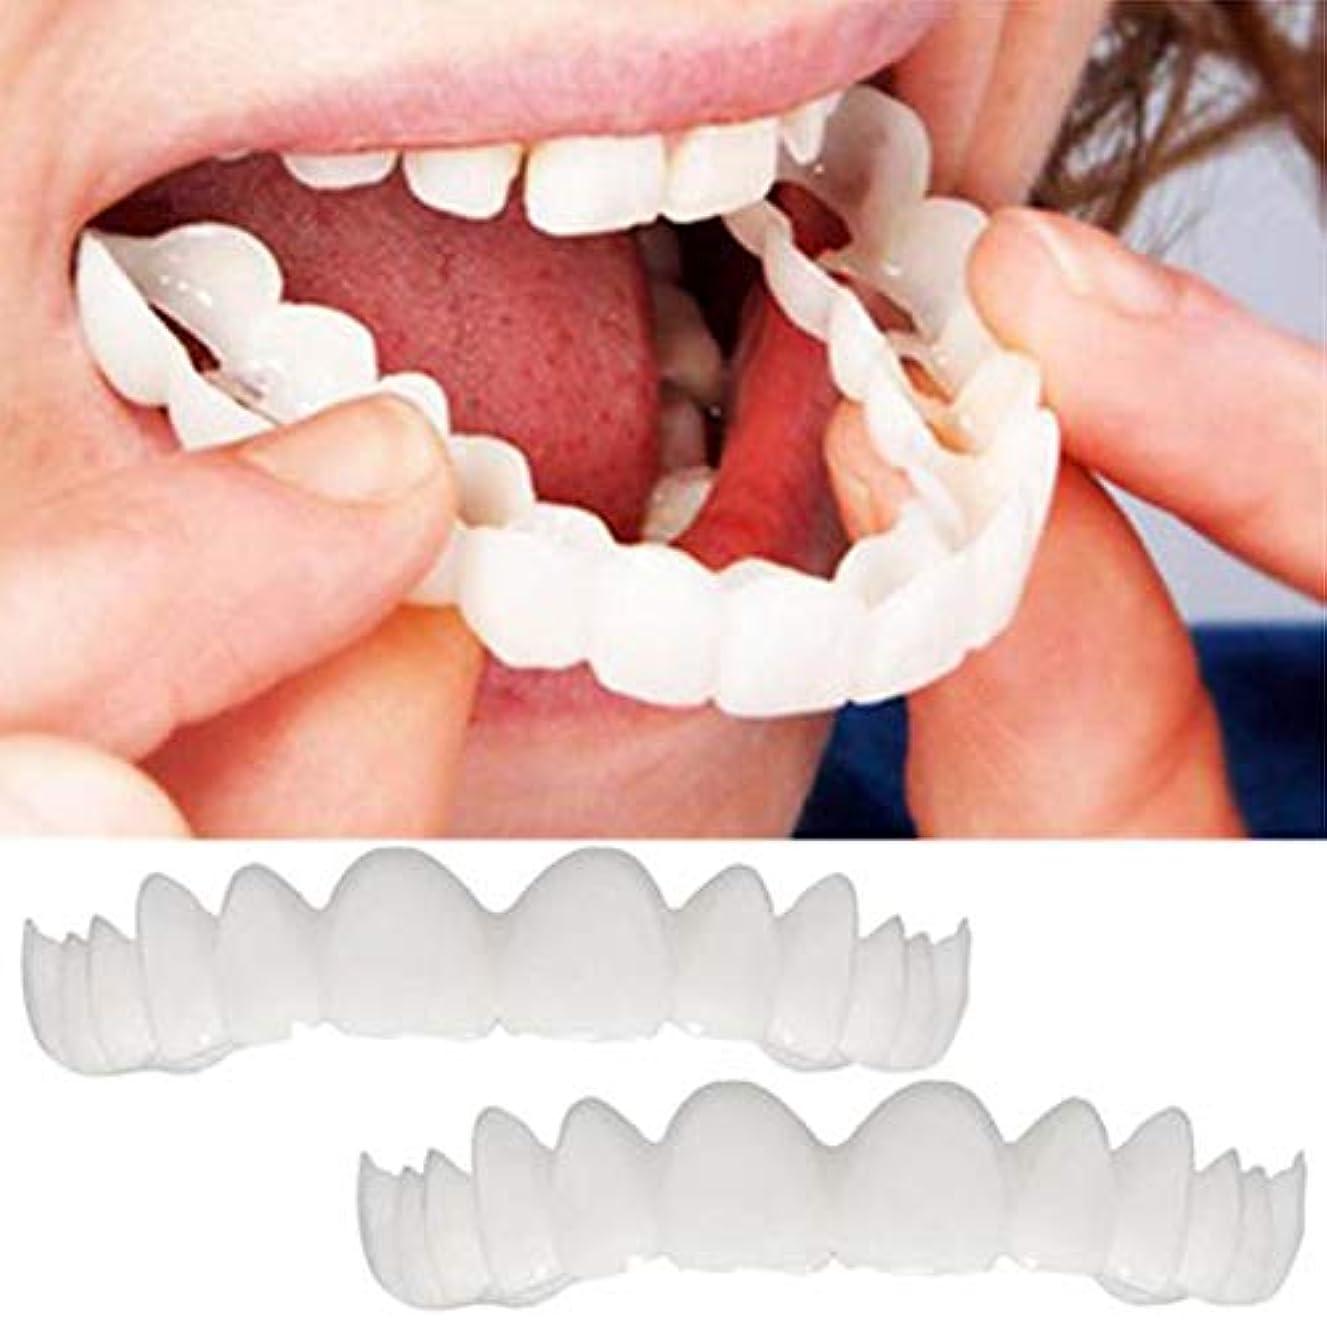 与える織るヨーグルト化粧品の歯、白い歯をきれいにするための快適なフィットフレックス歯のソケット、超快適、快適なフィット感、2セット